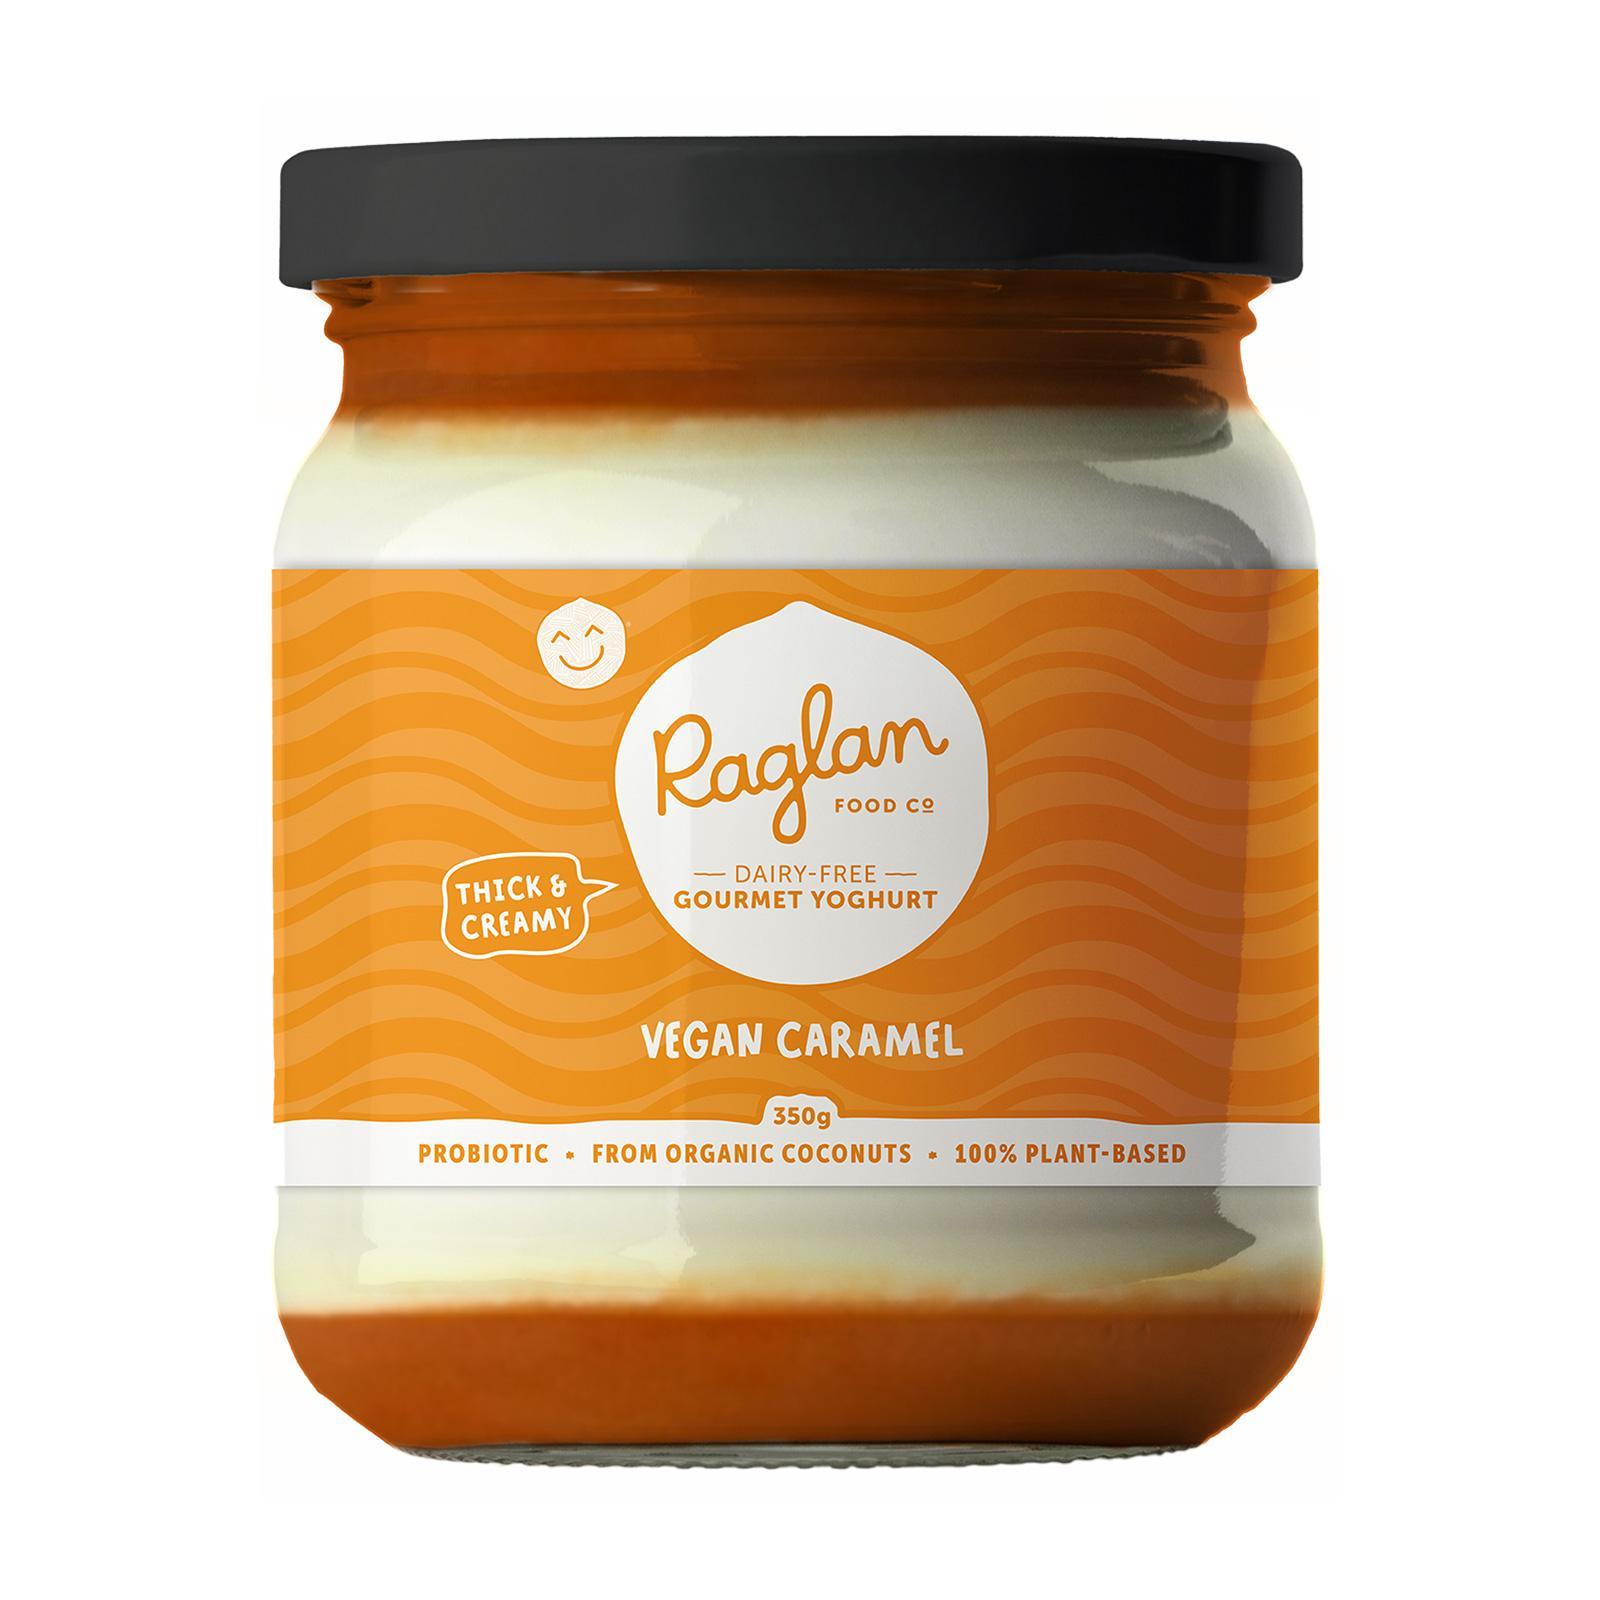 Raglan Coconut Yoghurt Vegan Caramel